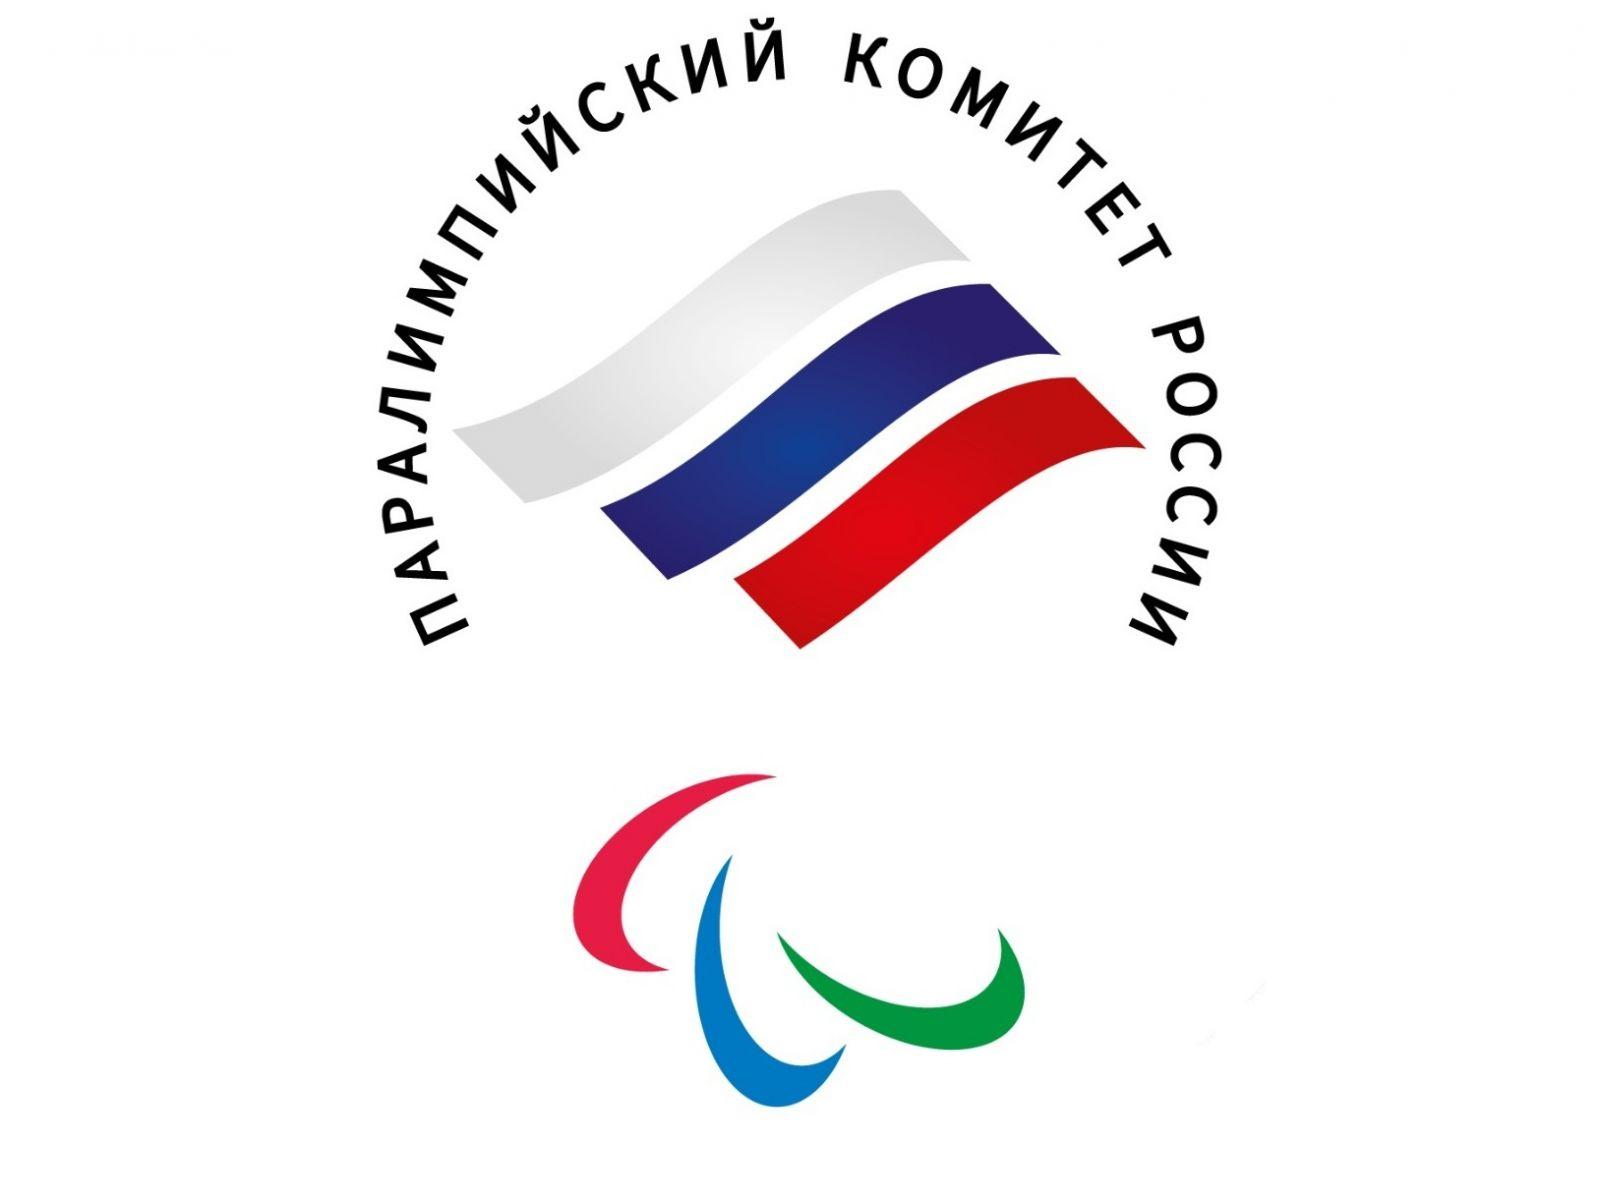 ПКР приглашает производителей и поставщиков спортивной одежды стать официальным экипировщиком Паралимпийской делегации России на XIII Паралимпийских зимних играх 2022 года в г. Пекине (КНР)